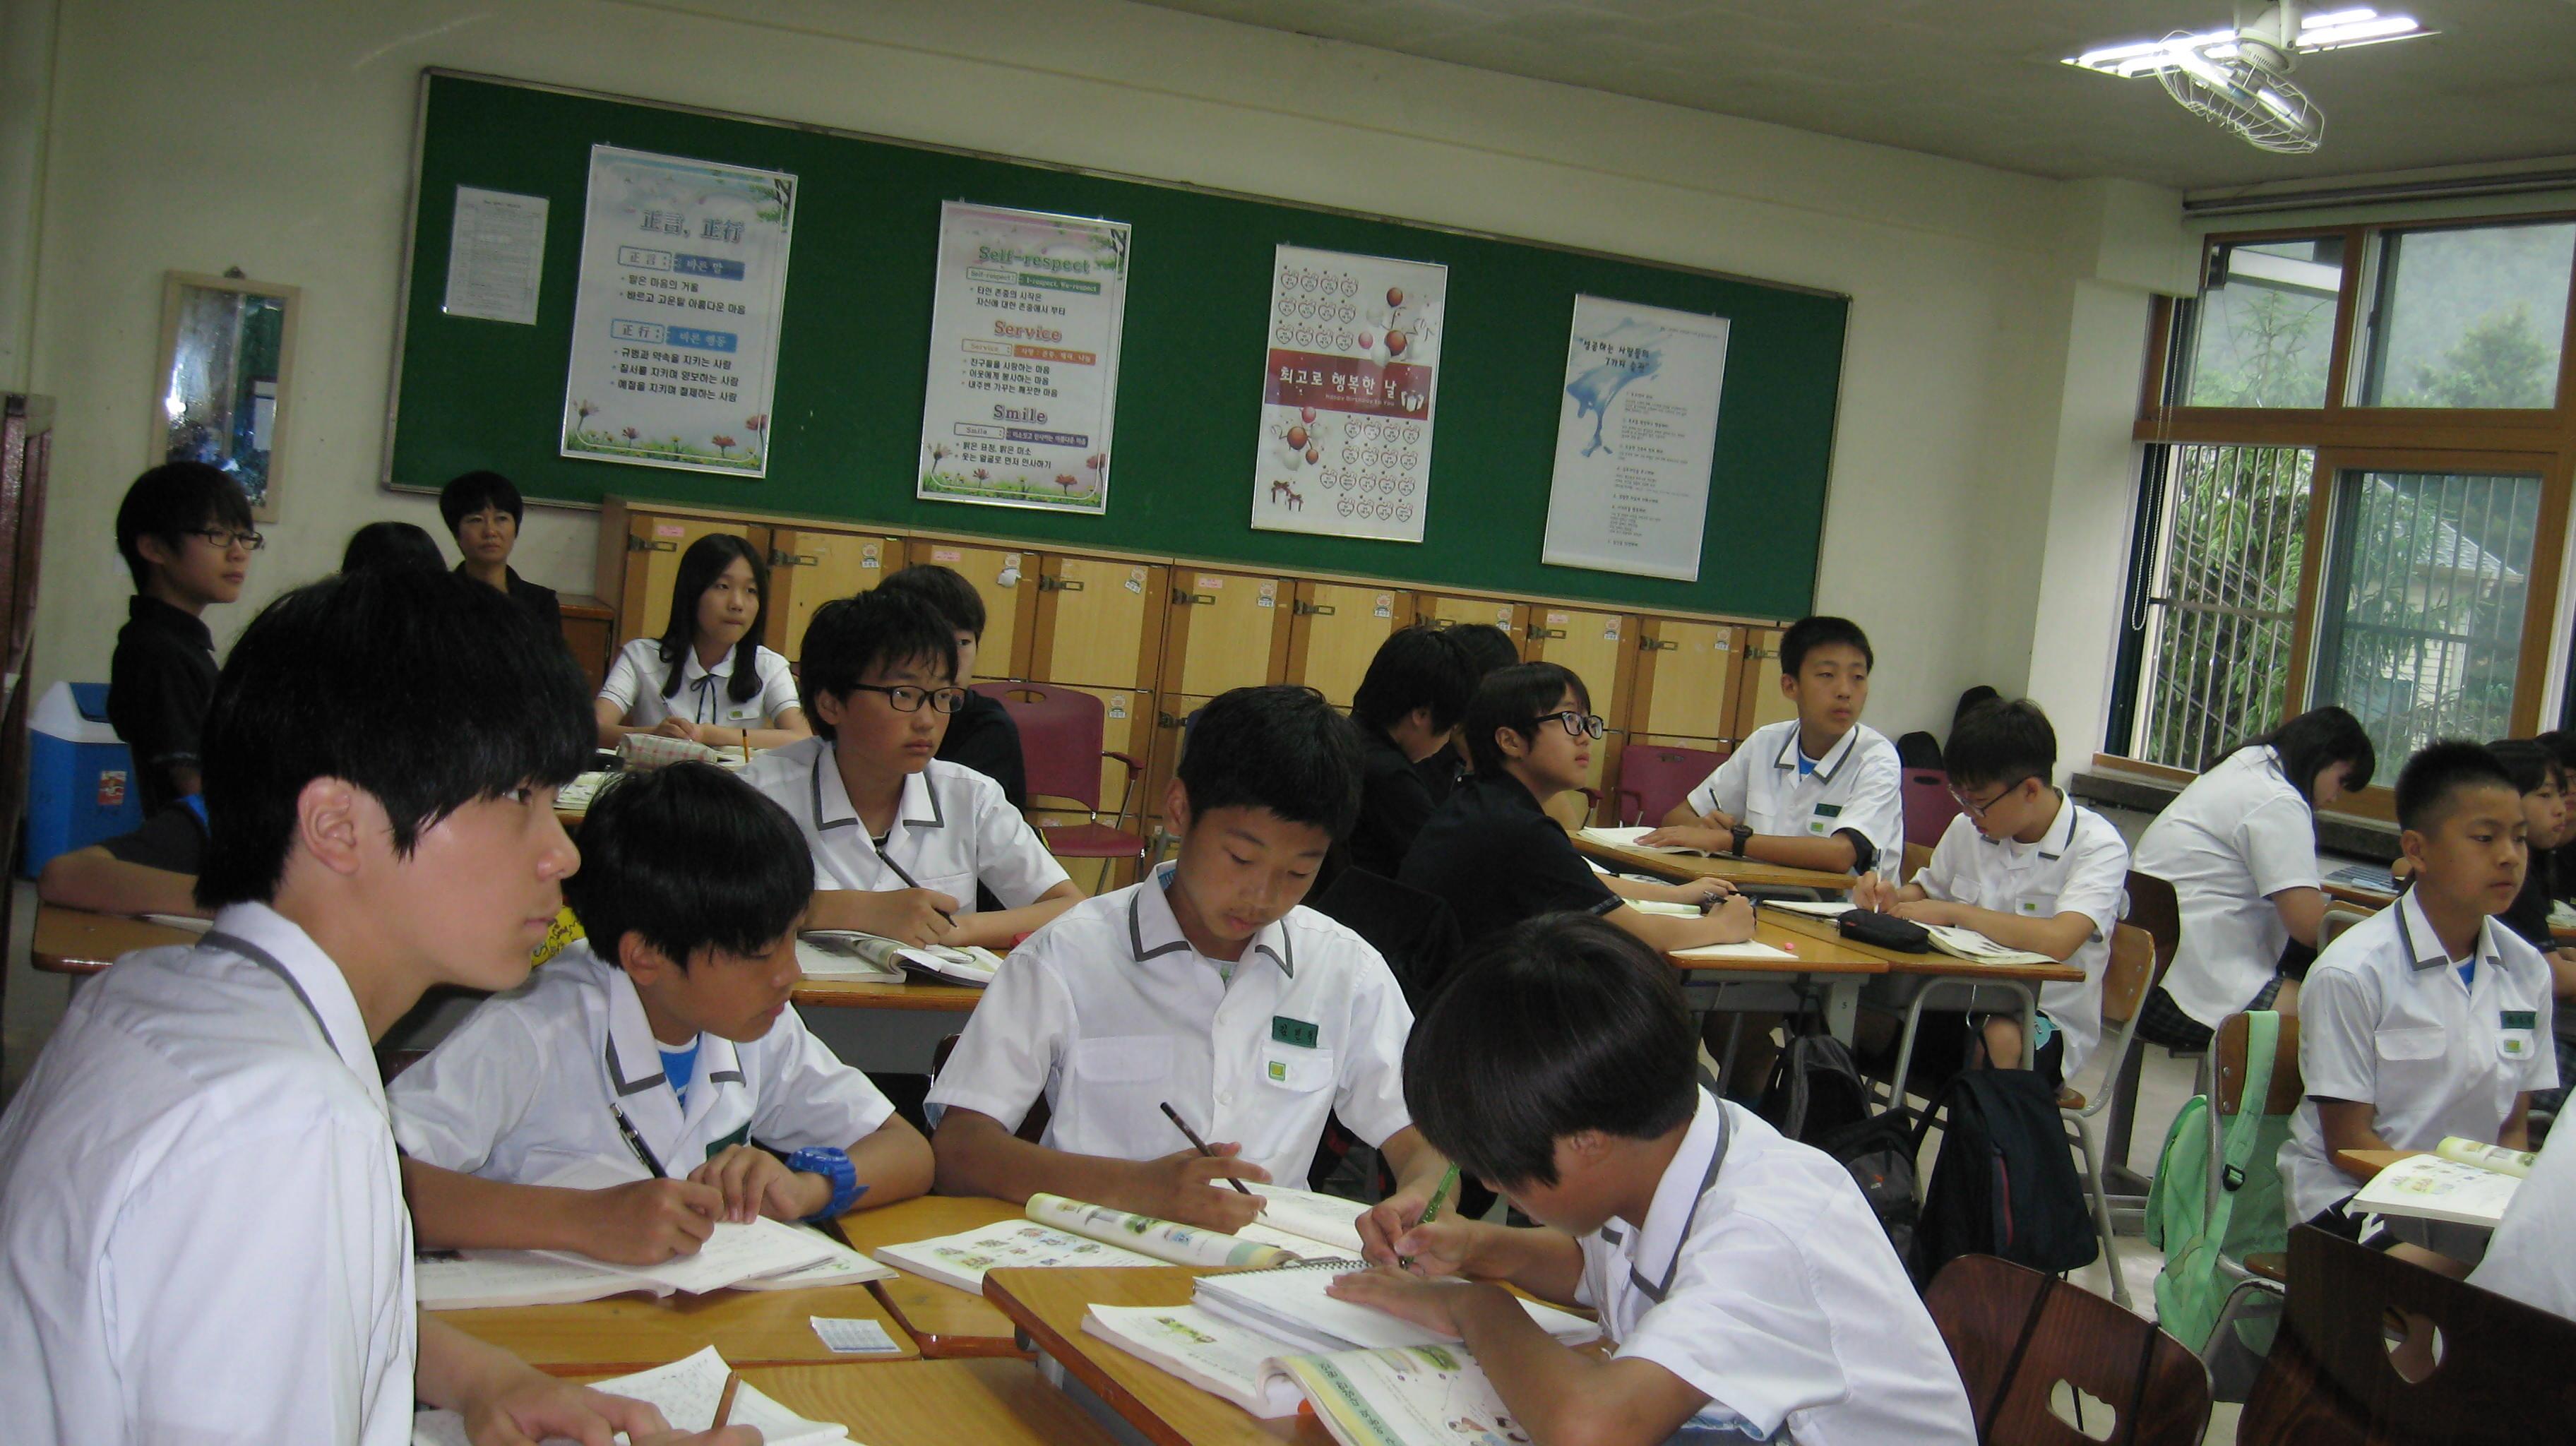 [일반] 학부모 공개 수업의 날의 첨부이미지 4